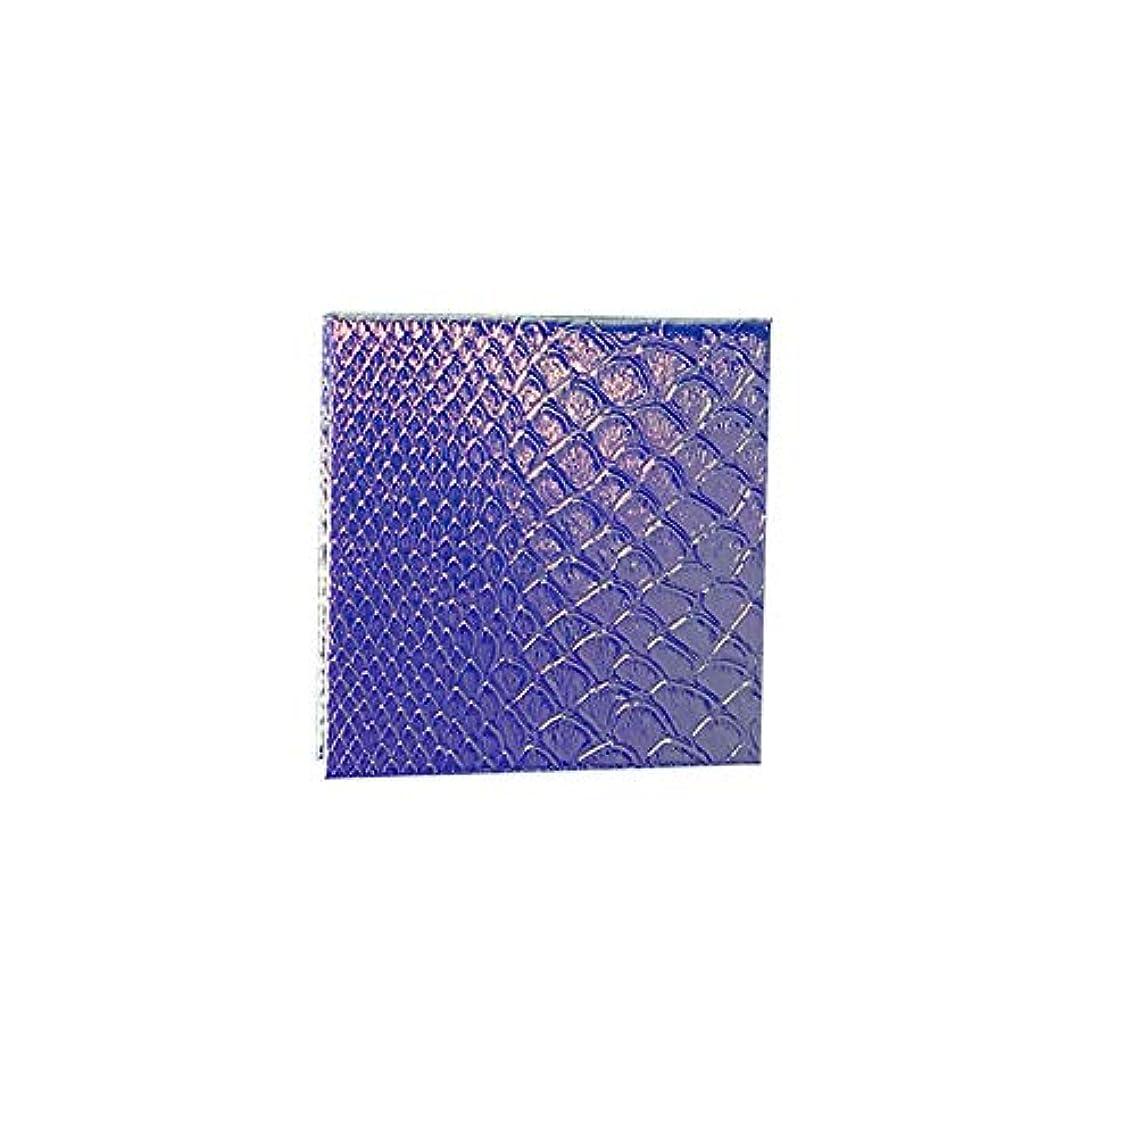 中庭弁護士もっと空の化粧アイシャドーパレット磁気空パレット接着剤空のパレット金属ステッカー空のパレットキット(S)